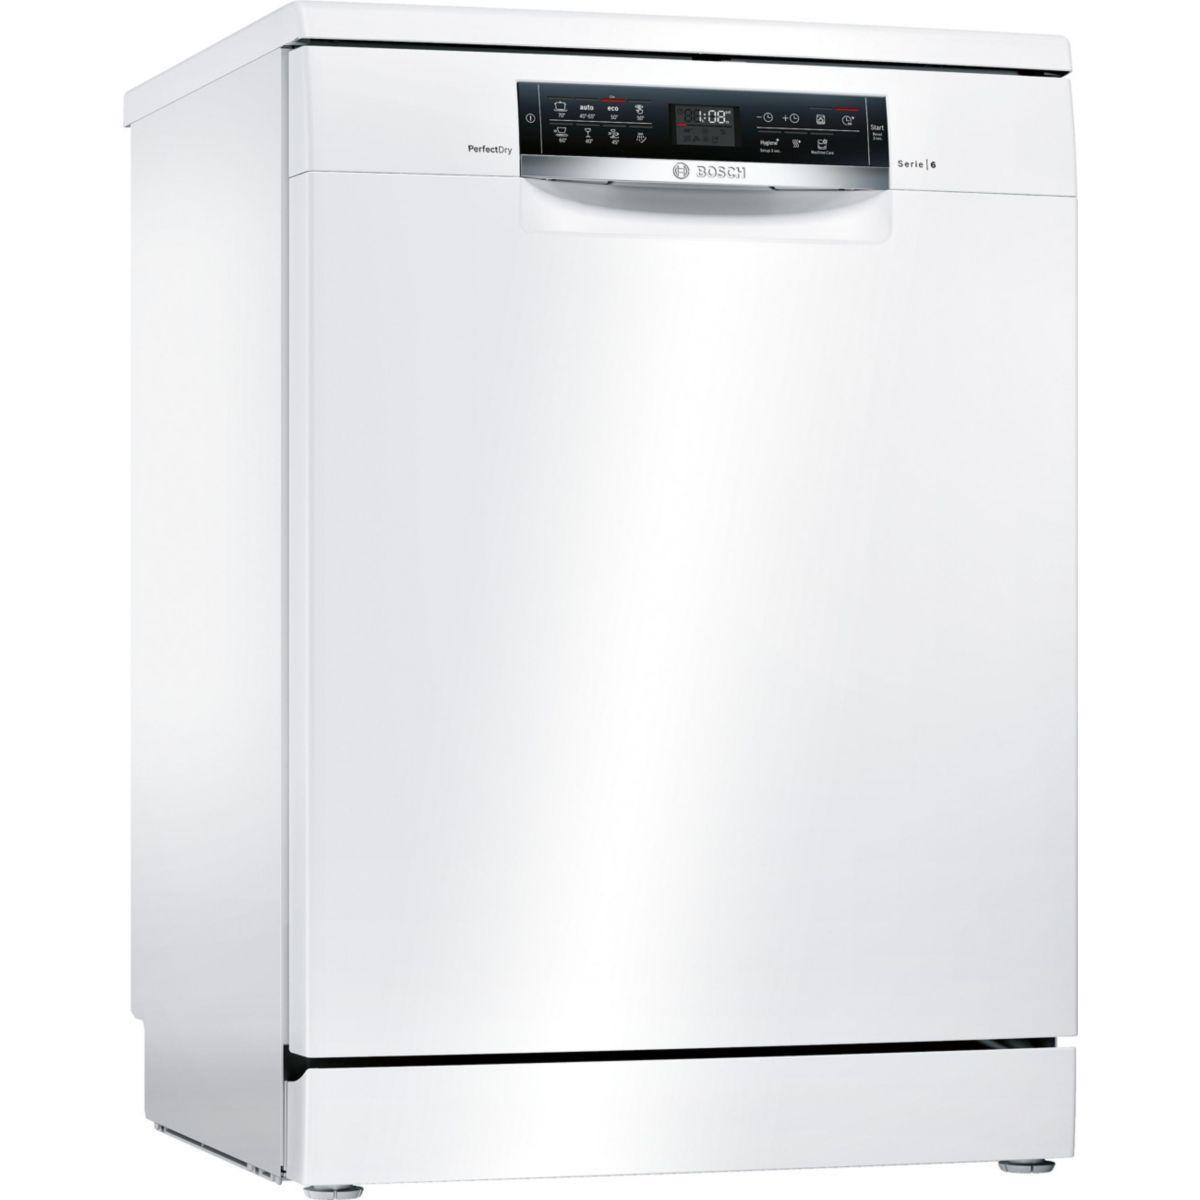 Lave vaisselle 60 cm bosch sms68mw05e - livraison offerte : code livp